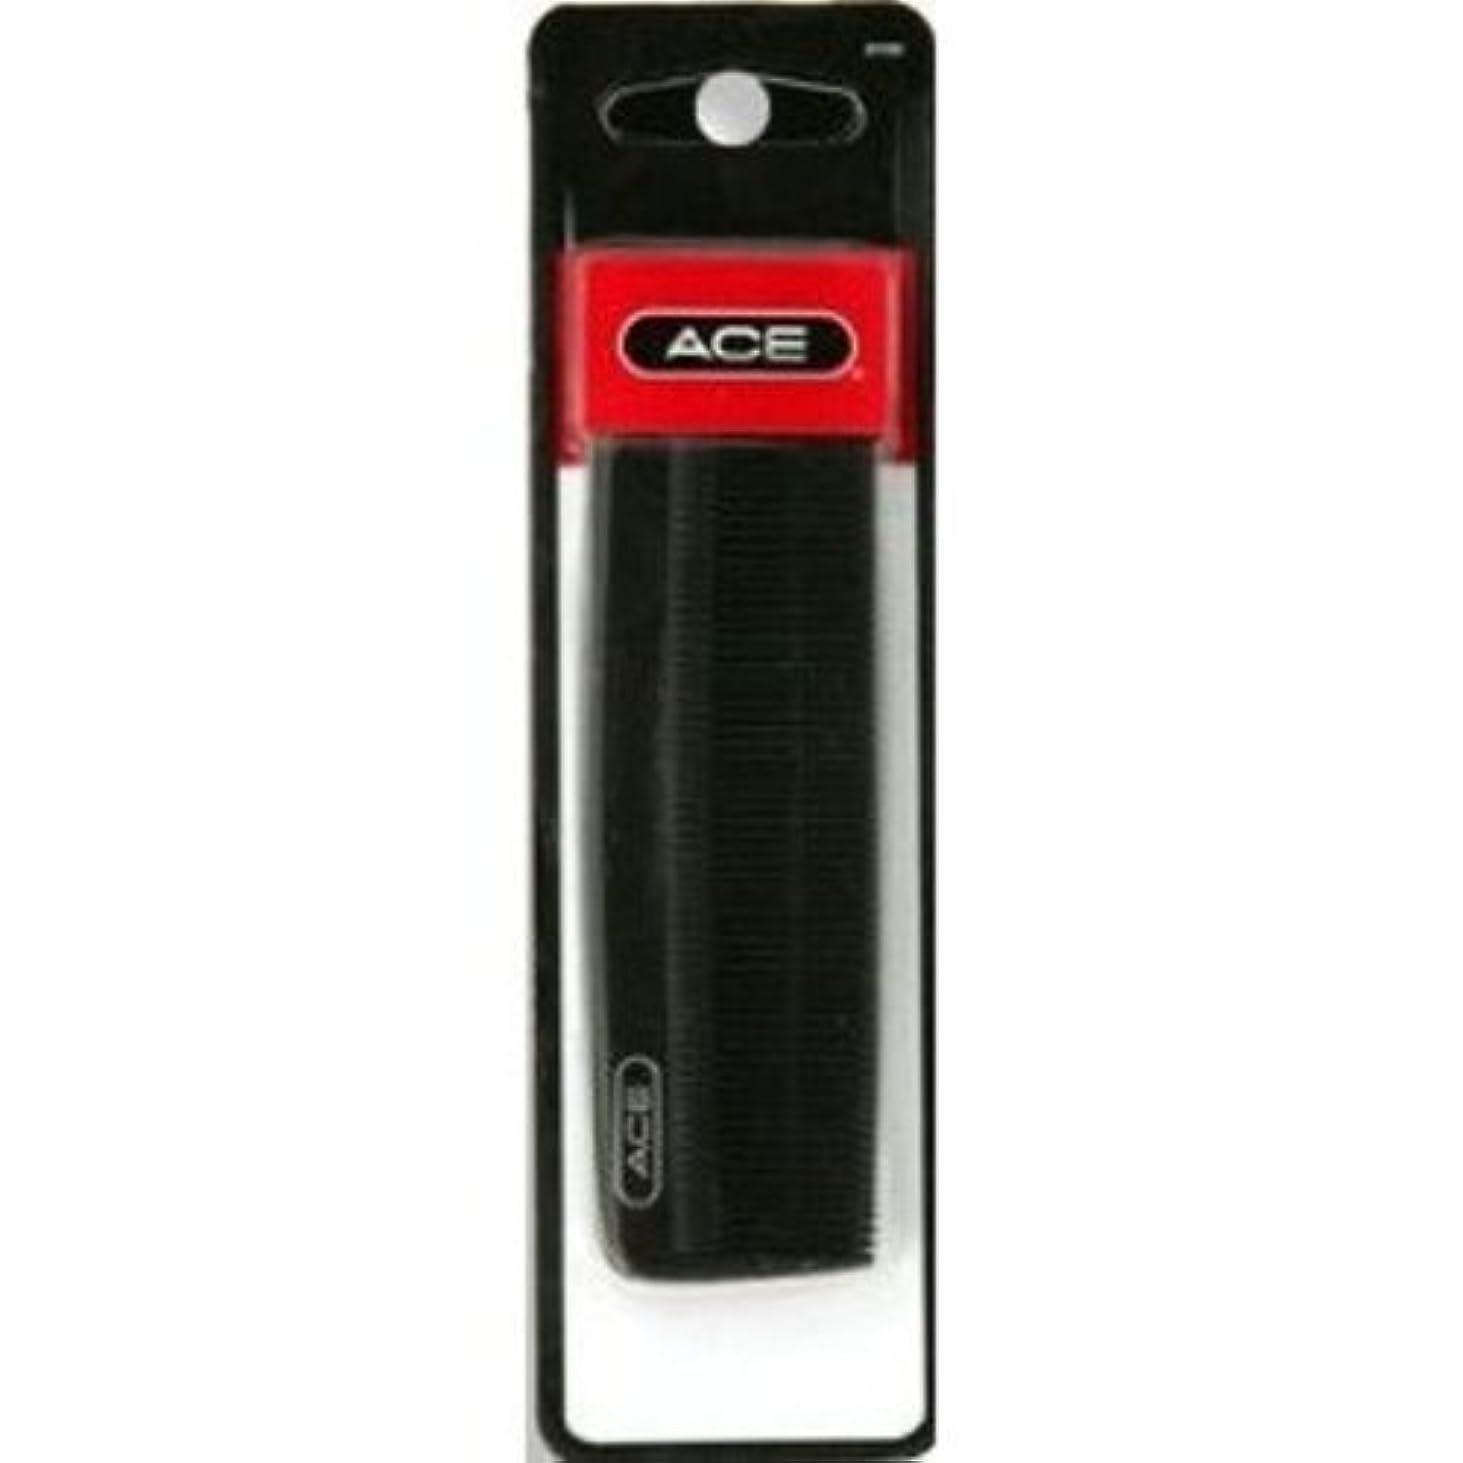 鬼ごっこコロニアル磨かれたAce Pocket Combs - 2 CT [並行輸入品]